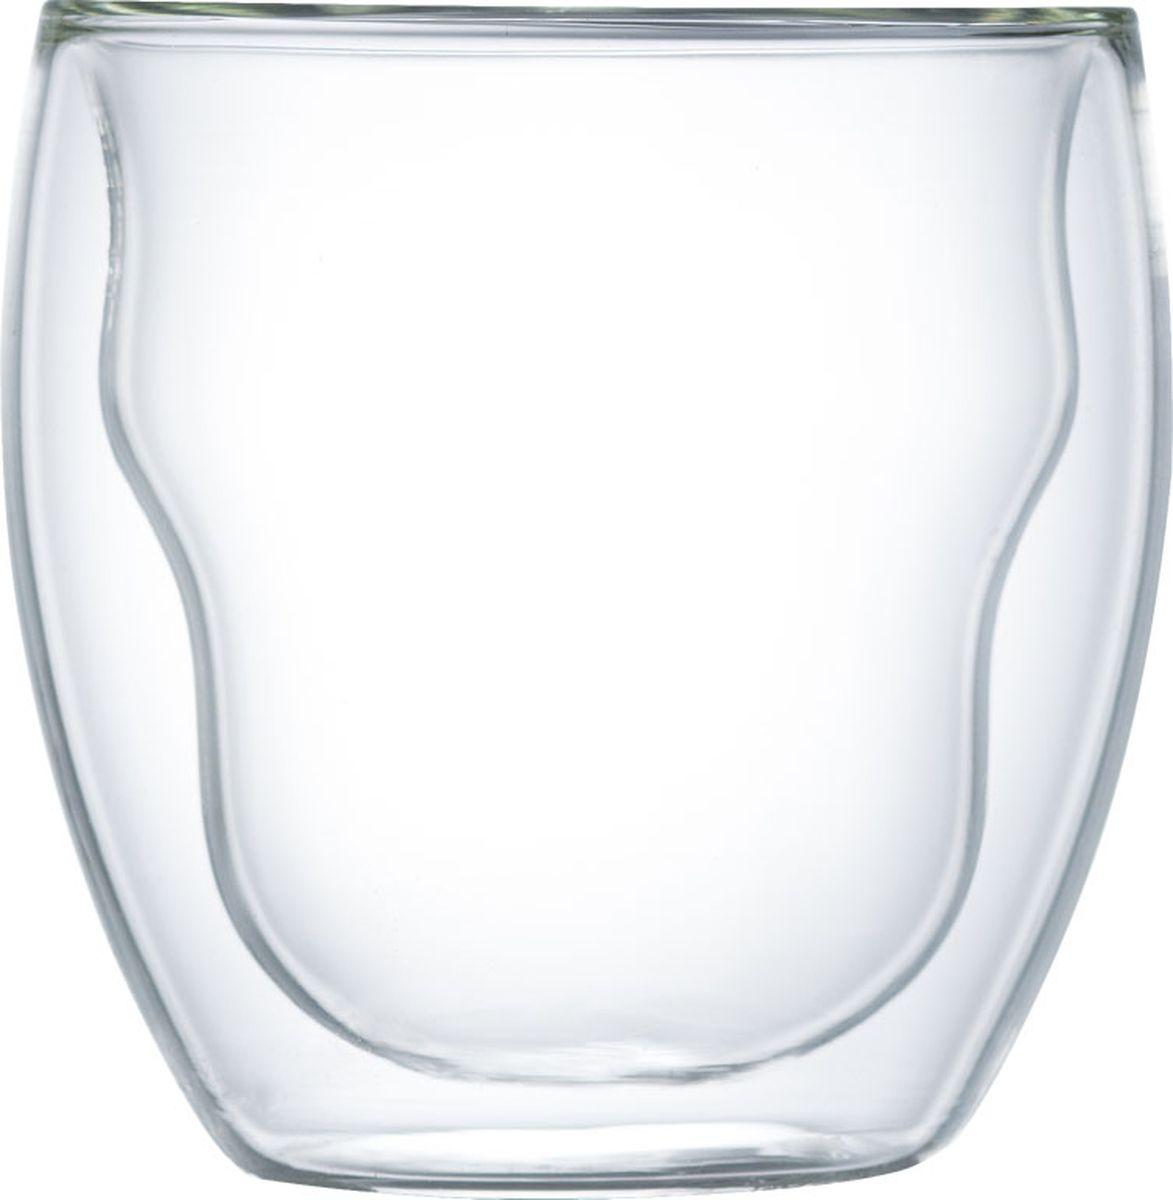 Набор термобокалов Walmer Prince, 250 мл, 2 штW02001025Набор Walmer Prince состоит из двух термобокалов, изготовленных из высококачественного жаропрочного стекла и оснащенных двойными стенками. Прослойка воздуха оставляет напитки долгое время горячими. Внешняя поверхность бокалов сохраняет при этом комнатную температуру.Можно мыть в посудомоечной машине и использовать в микроволновой печи.Диаметр (по верхнему краю): 8 см.Высота: 9 см.